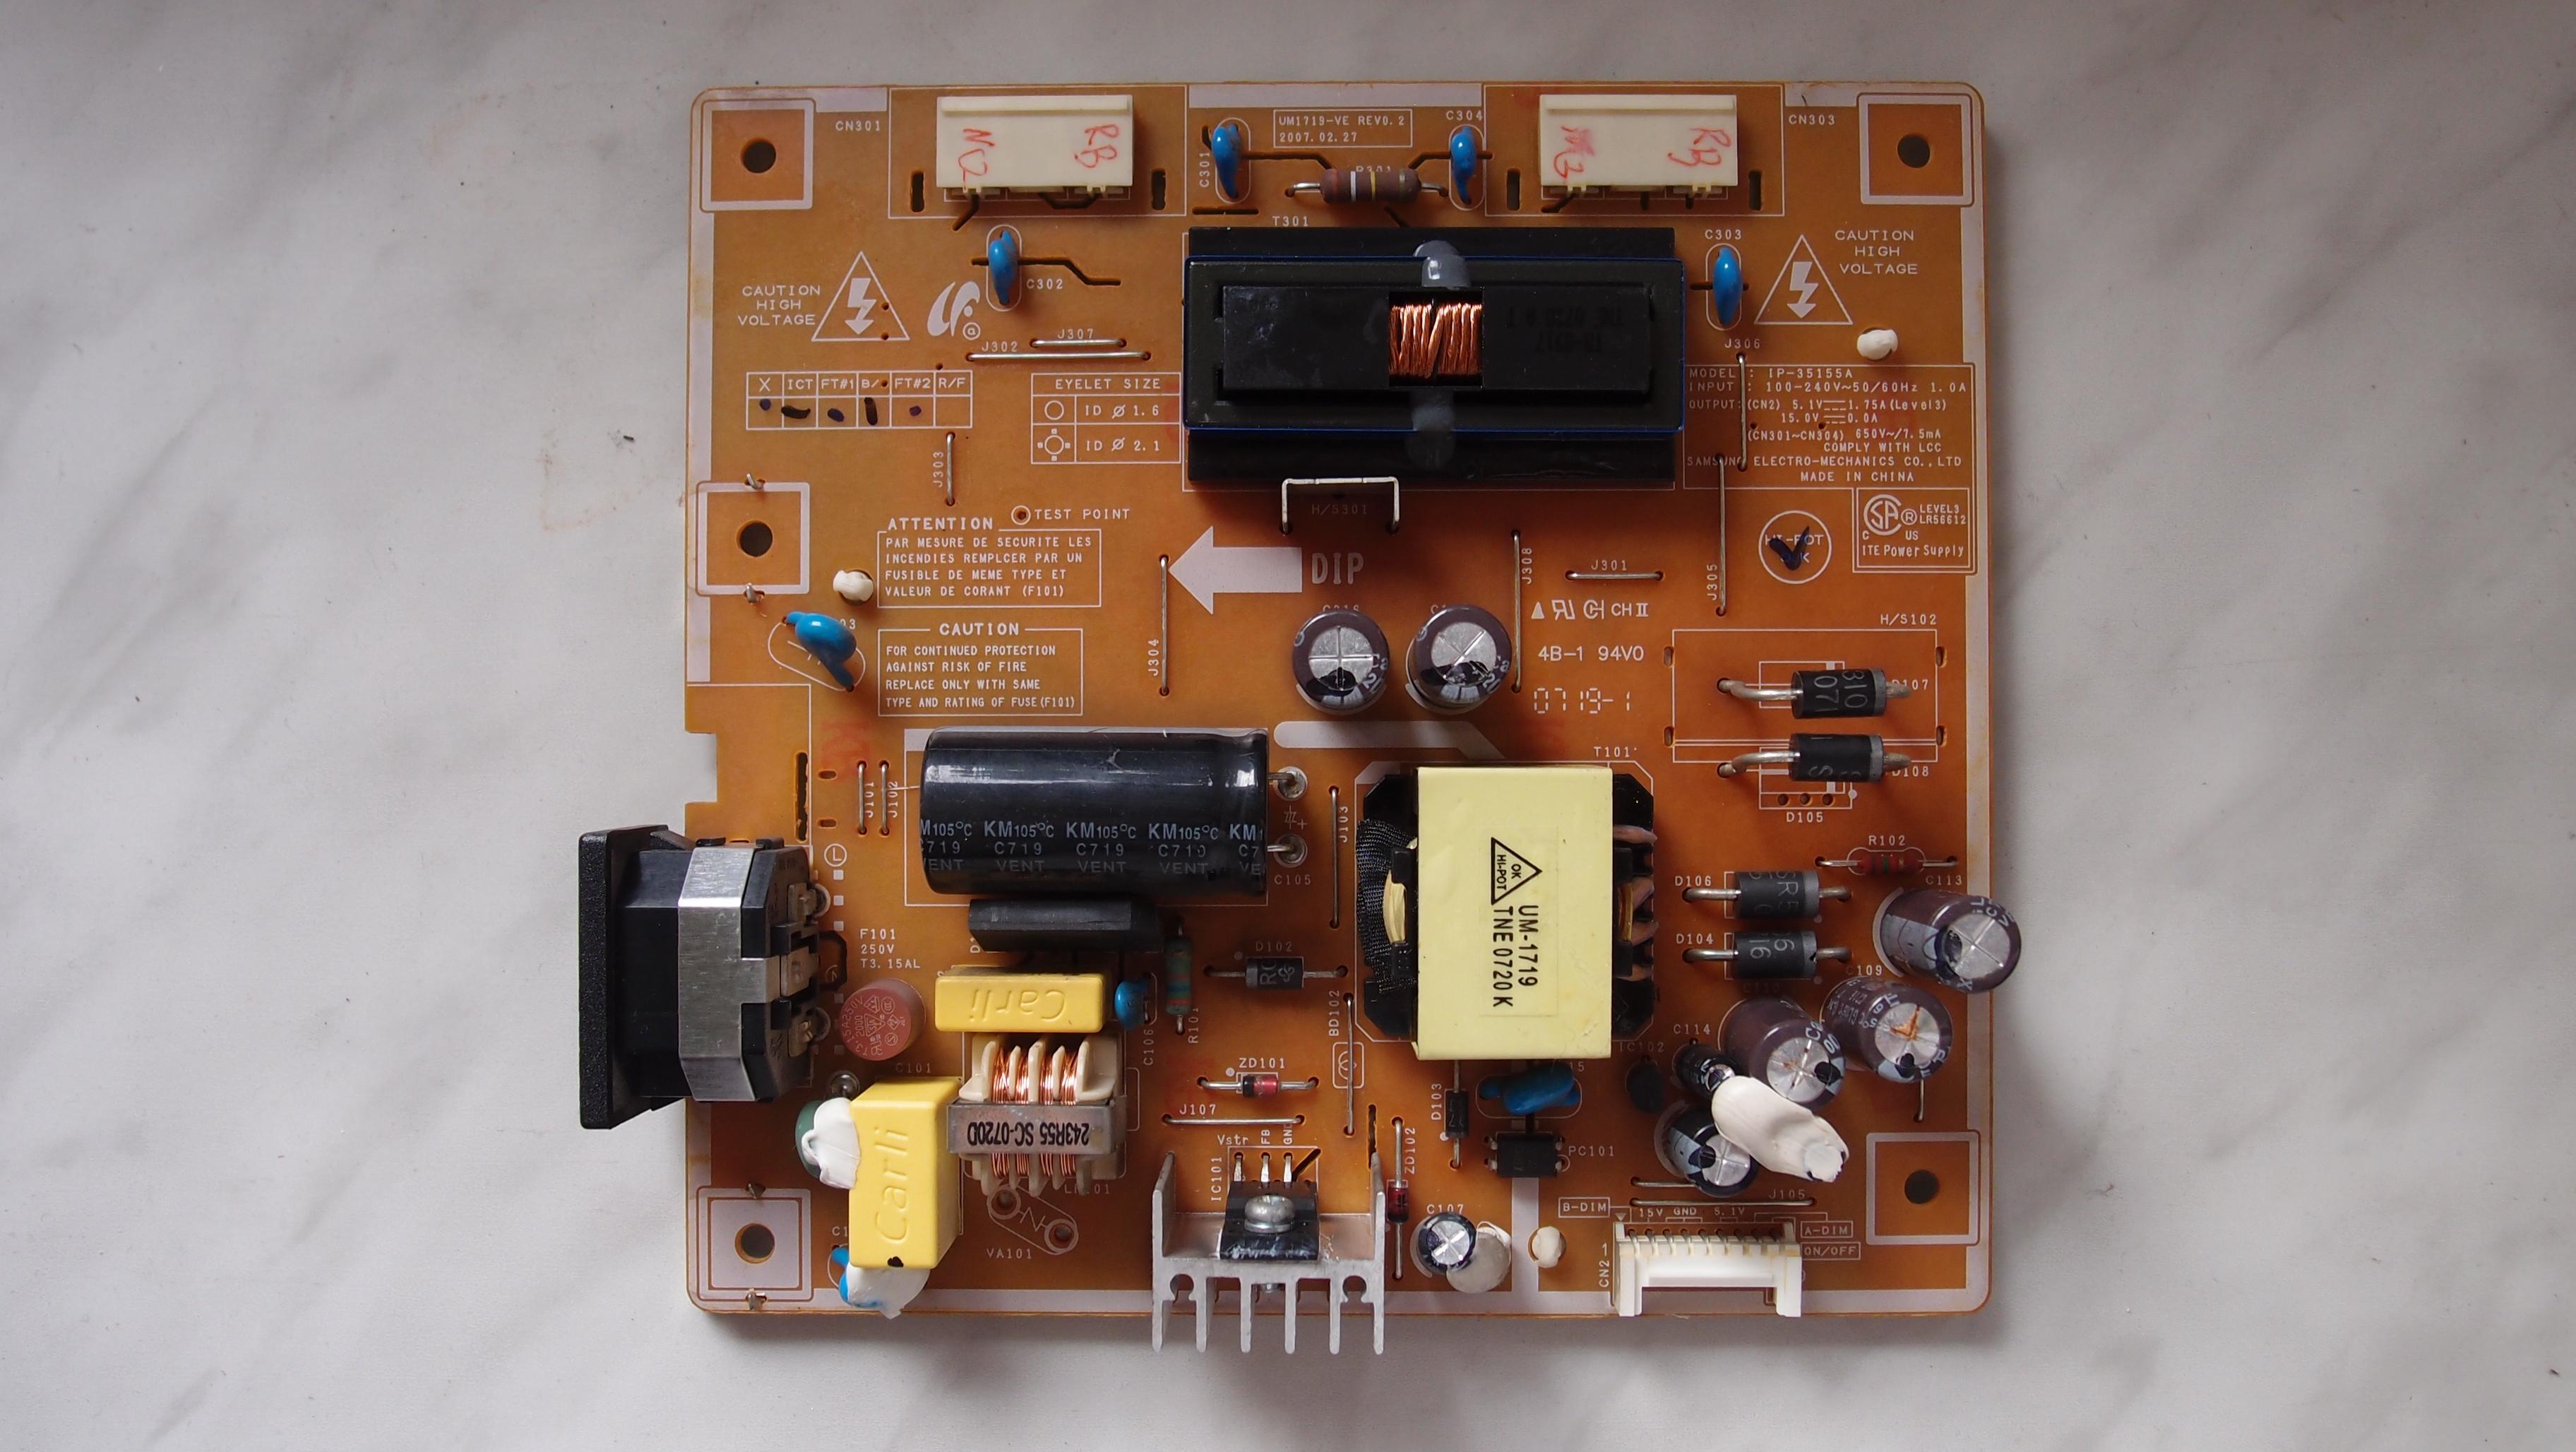 Monitor Samsung SM 940nw d�ugo sie w��cza